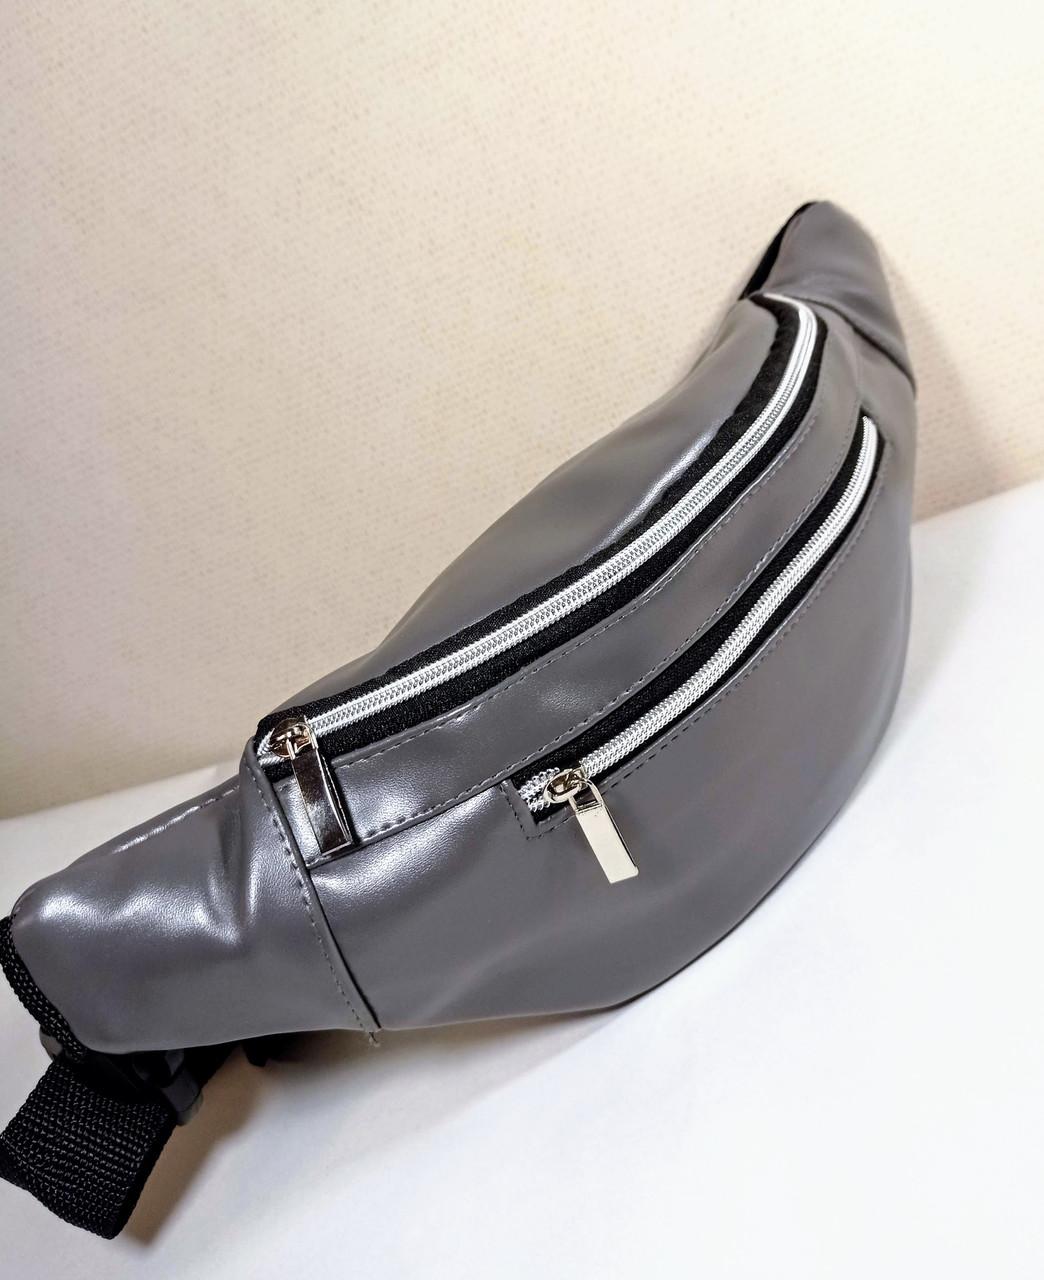 Бананка мужская/женская. Молодежная сумка на пояс эко-кожа серая 40х15х7 см (30-25)